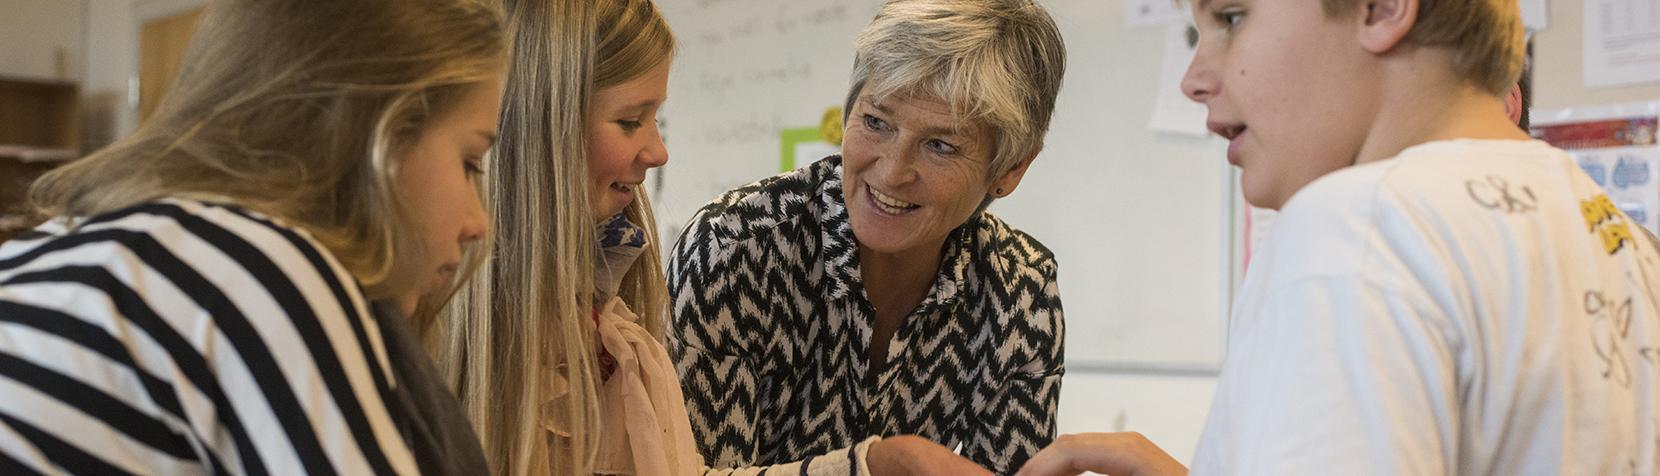 Skolelærer underviser